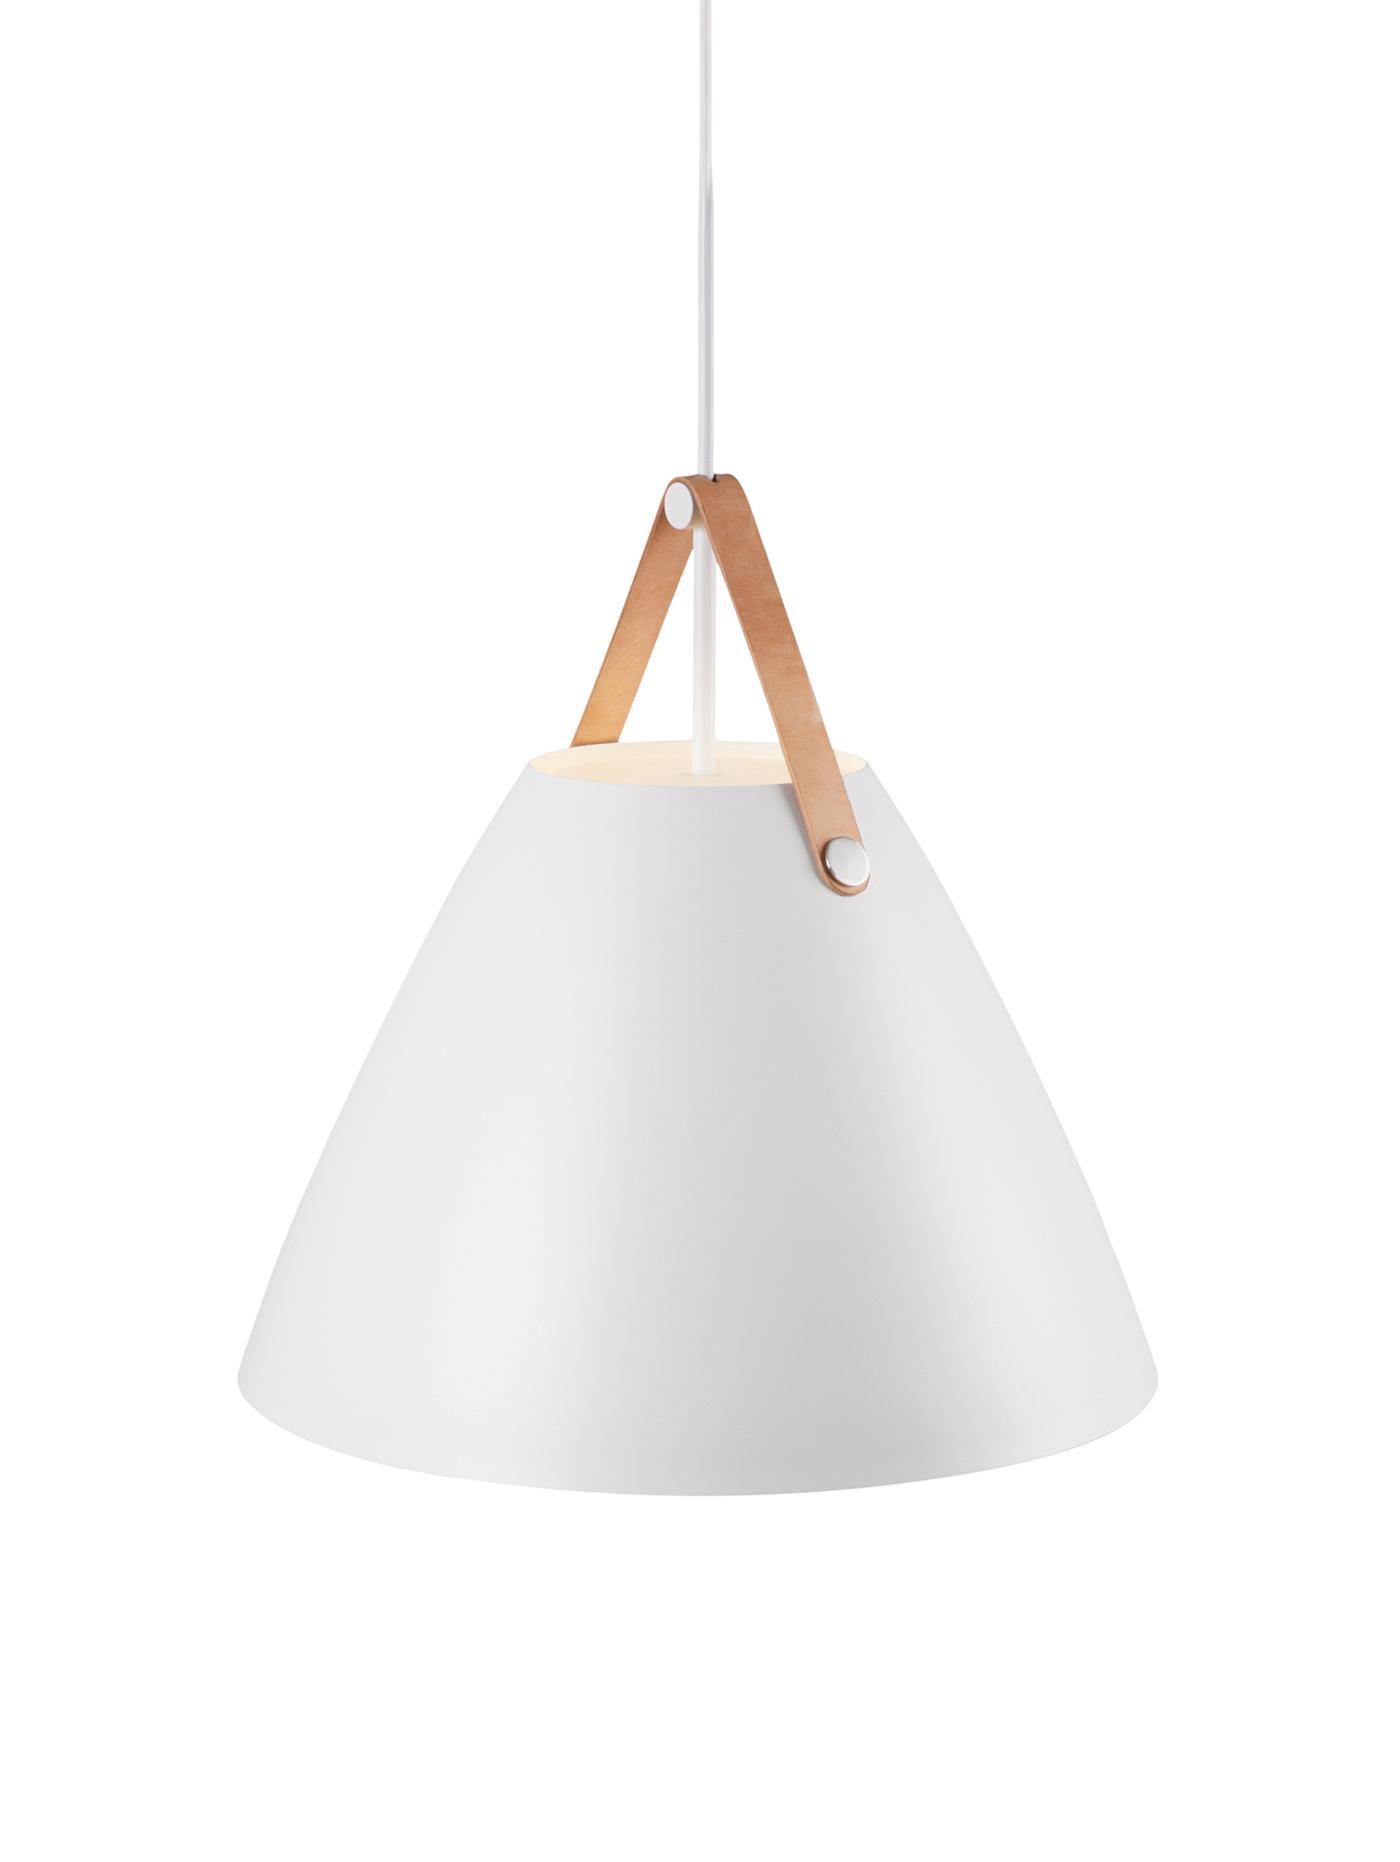 Pendelleuchte Strap mit austauschbarem Lederband, Lampenschirm: Metall, pulverbeschichtet, Baldachin: Kunststoff, Weiß, Ø 48 x H 46 cm